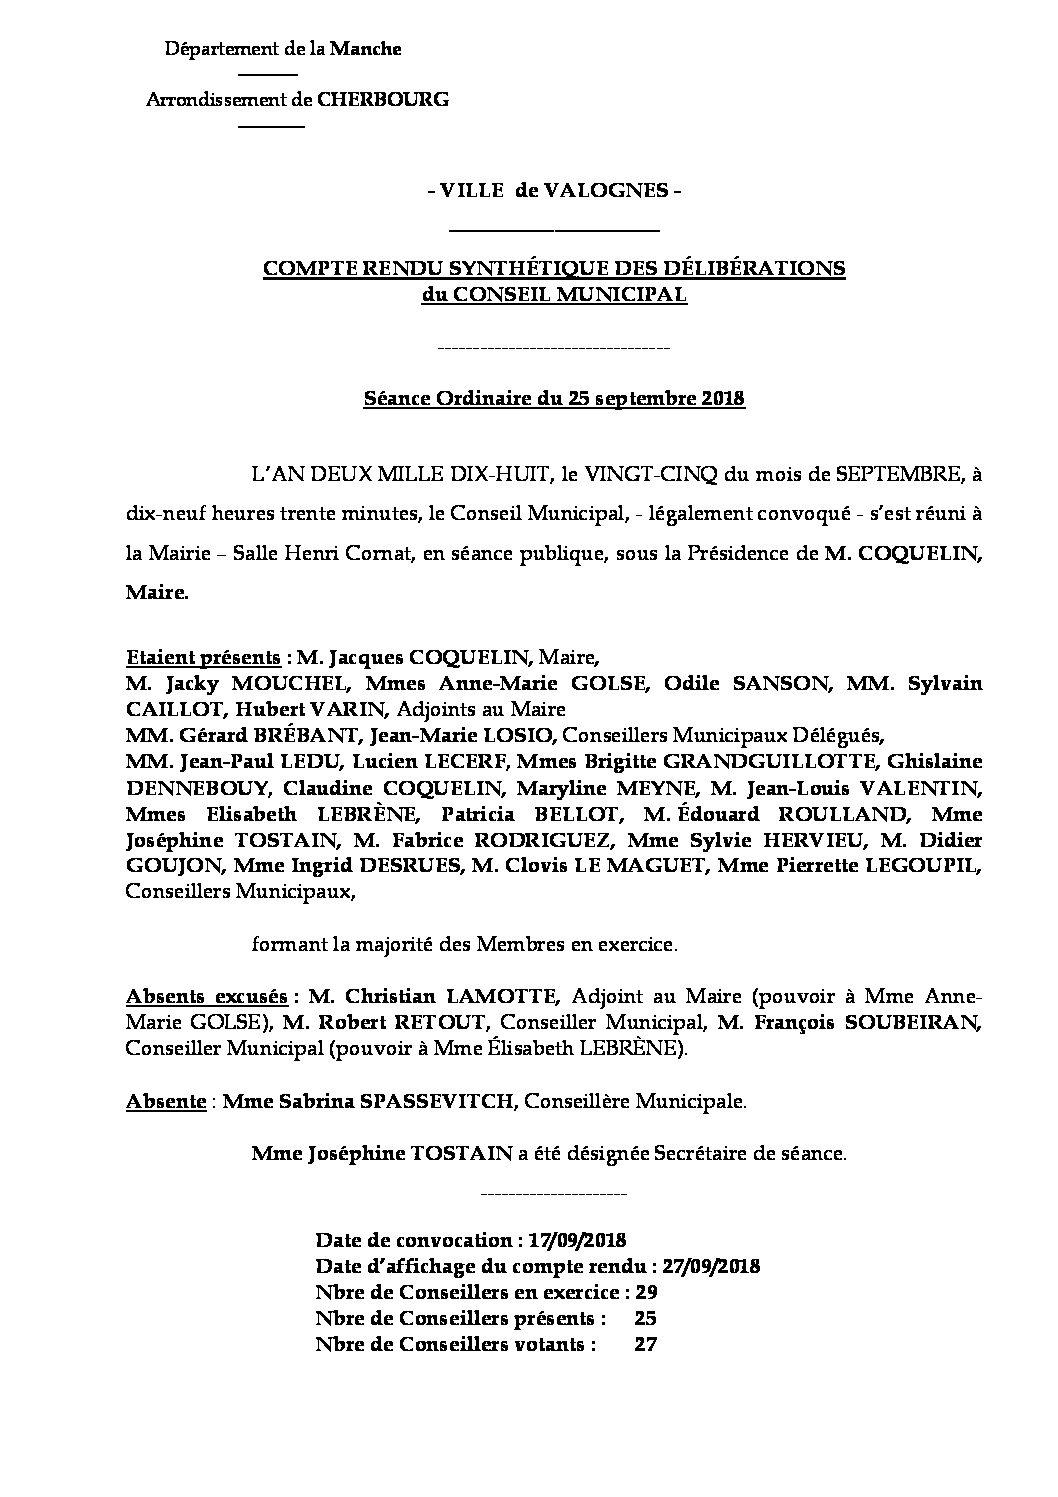 Compte rendu de Conseil Municipal - Compte rendu synthétique des questions soumises à délibération lors de la réunion du Conseil Municipal du 25 septembre 2018.